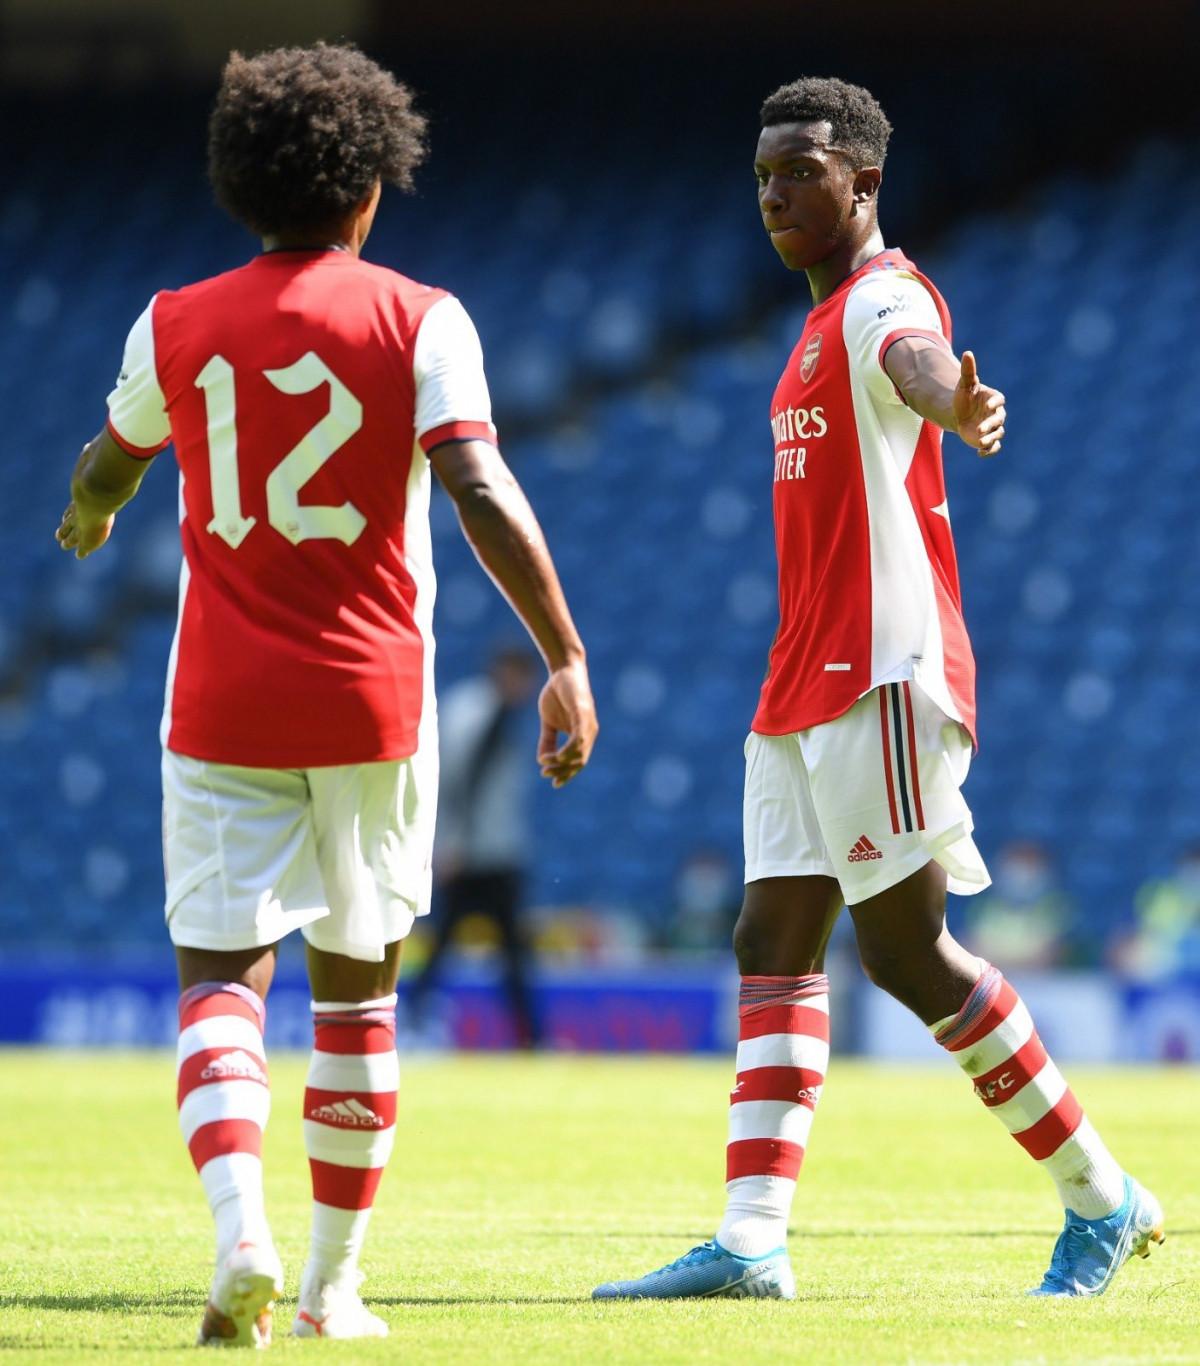 Eddie Nketiah gỡ hòa 2-2 cho Arsenal sau nỗ lực xoay trở trong vòng cấm ở phút 83.